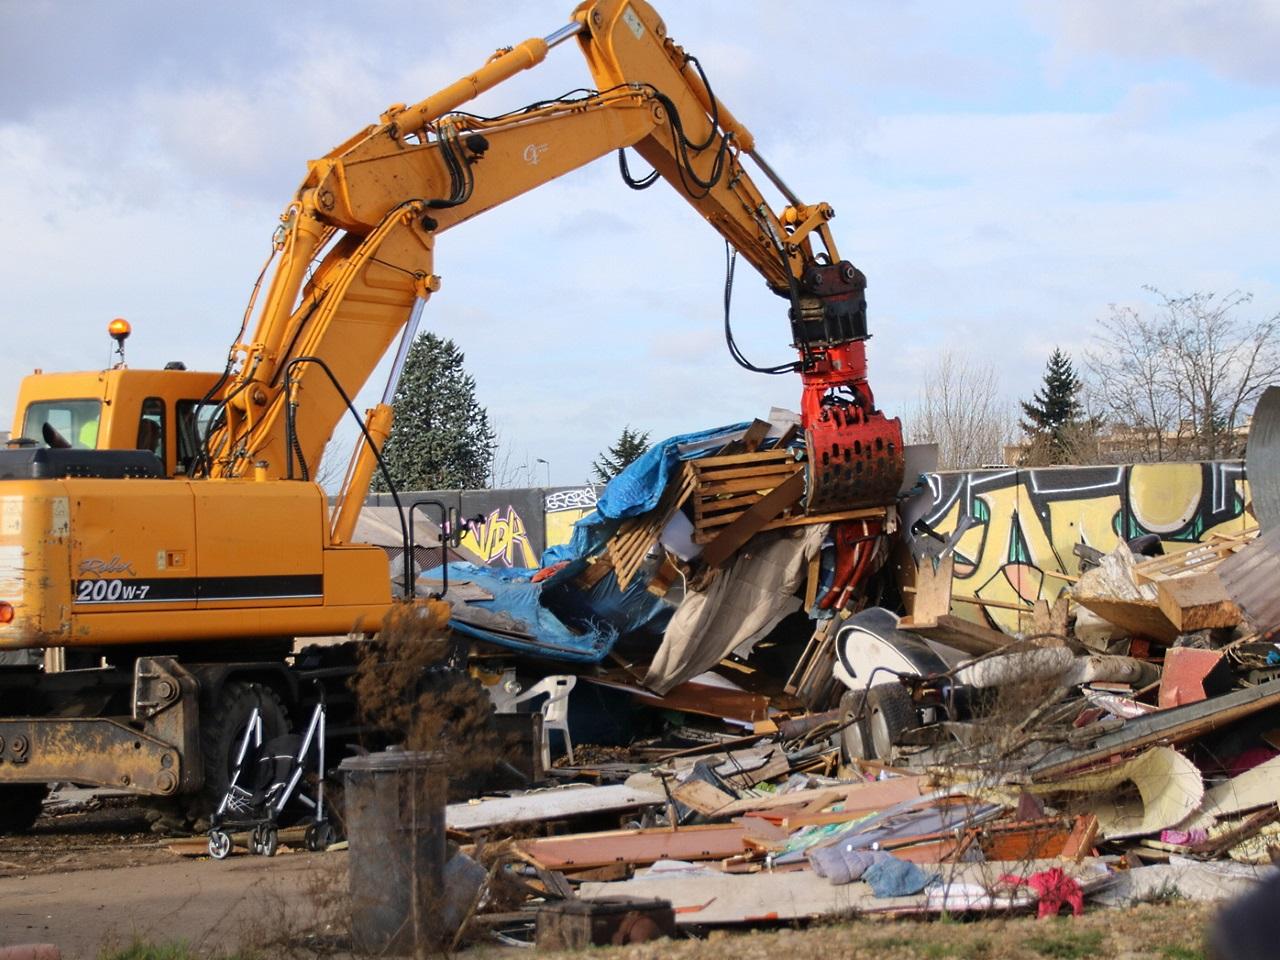 La destruction a débuté peu avant 12h - LyonMag